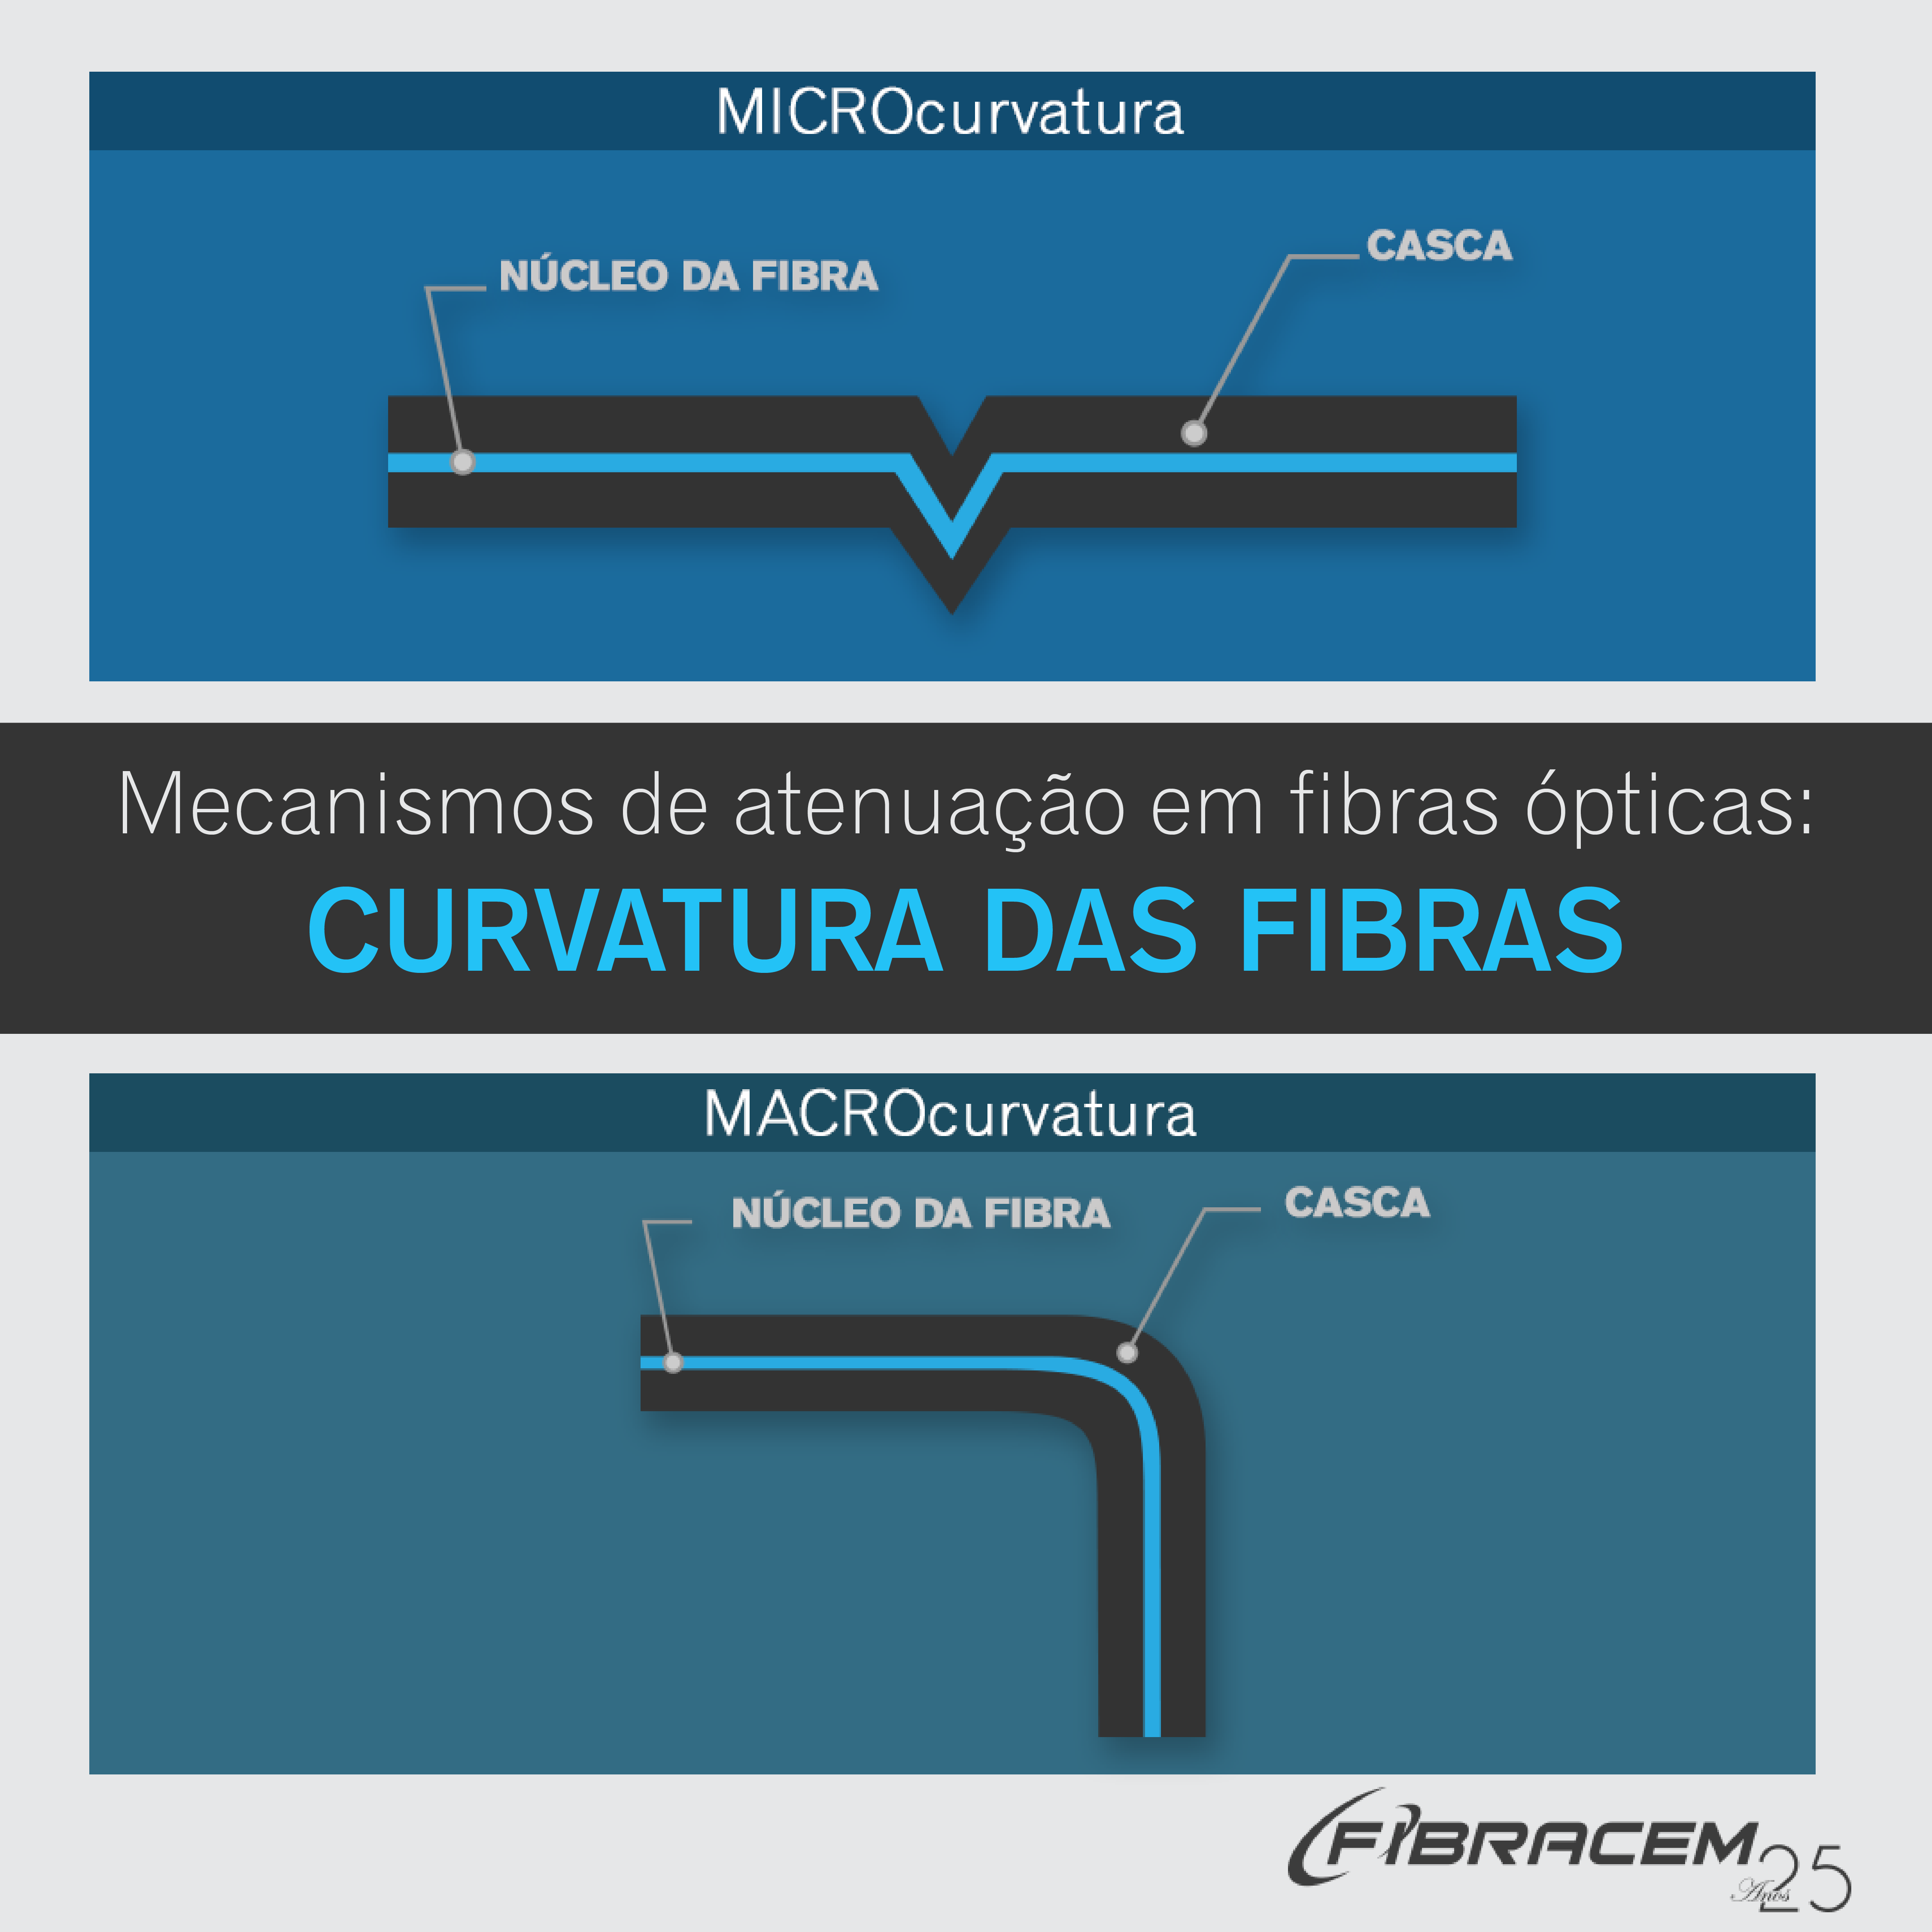 Mecanismos de atenuação em fibras ópticas: curvatura das fibras